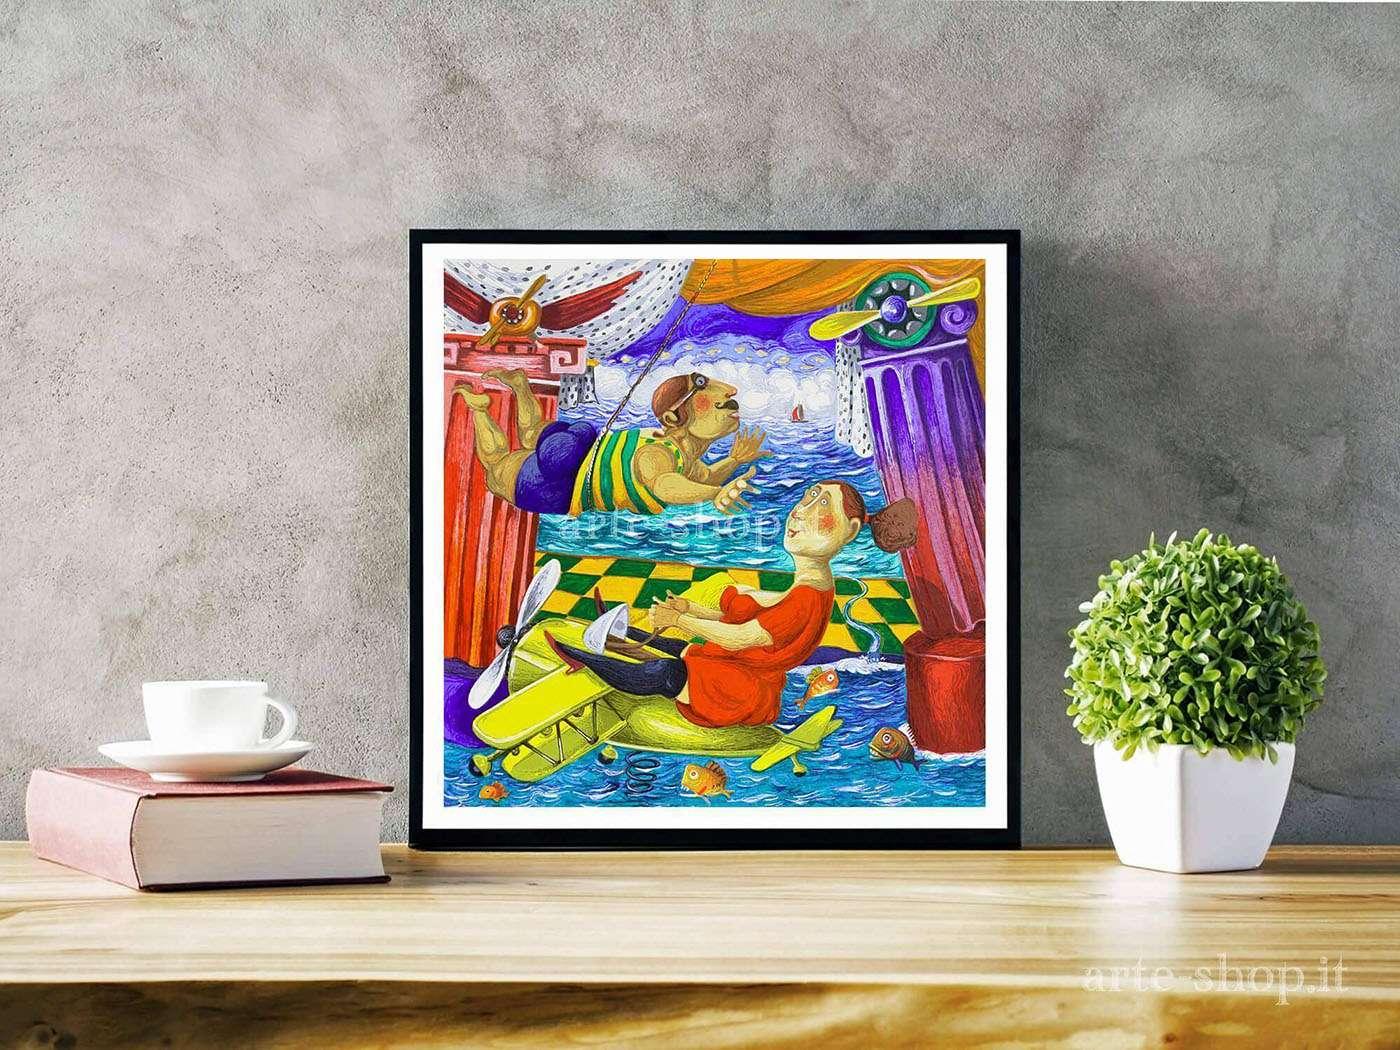 Serigrafia Pino Procopio - A casa dell'aviere